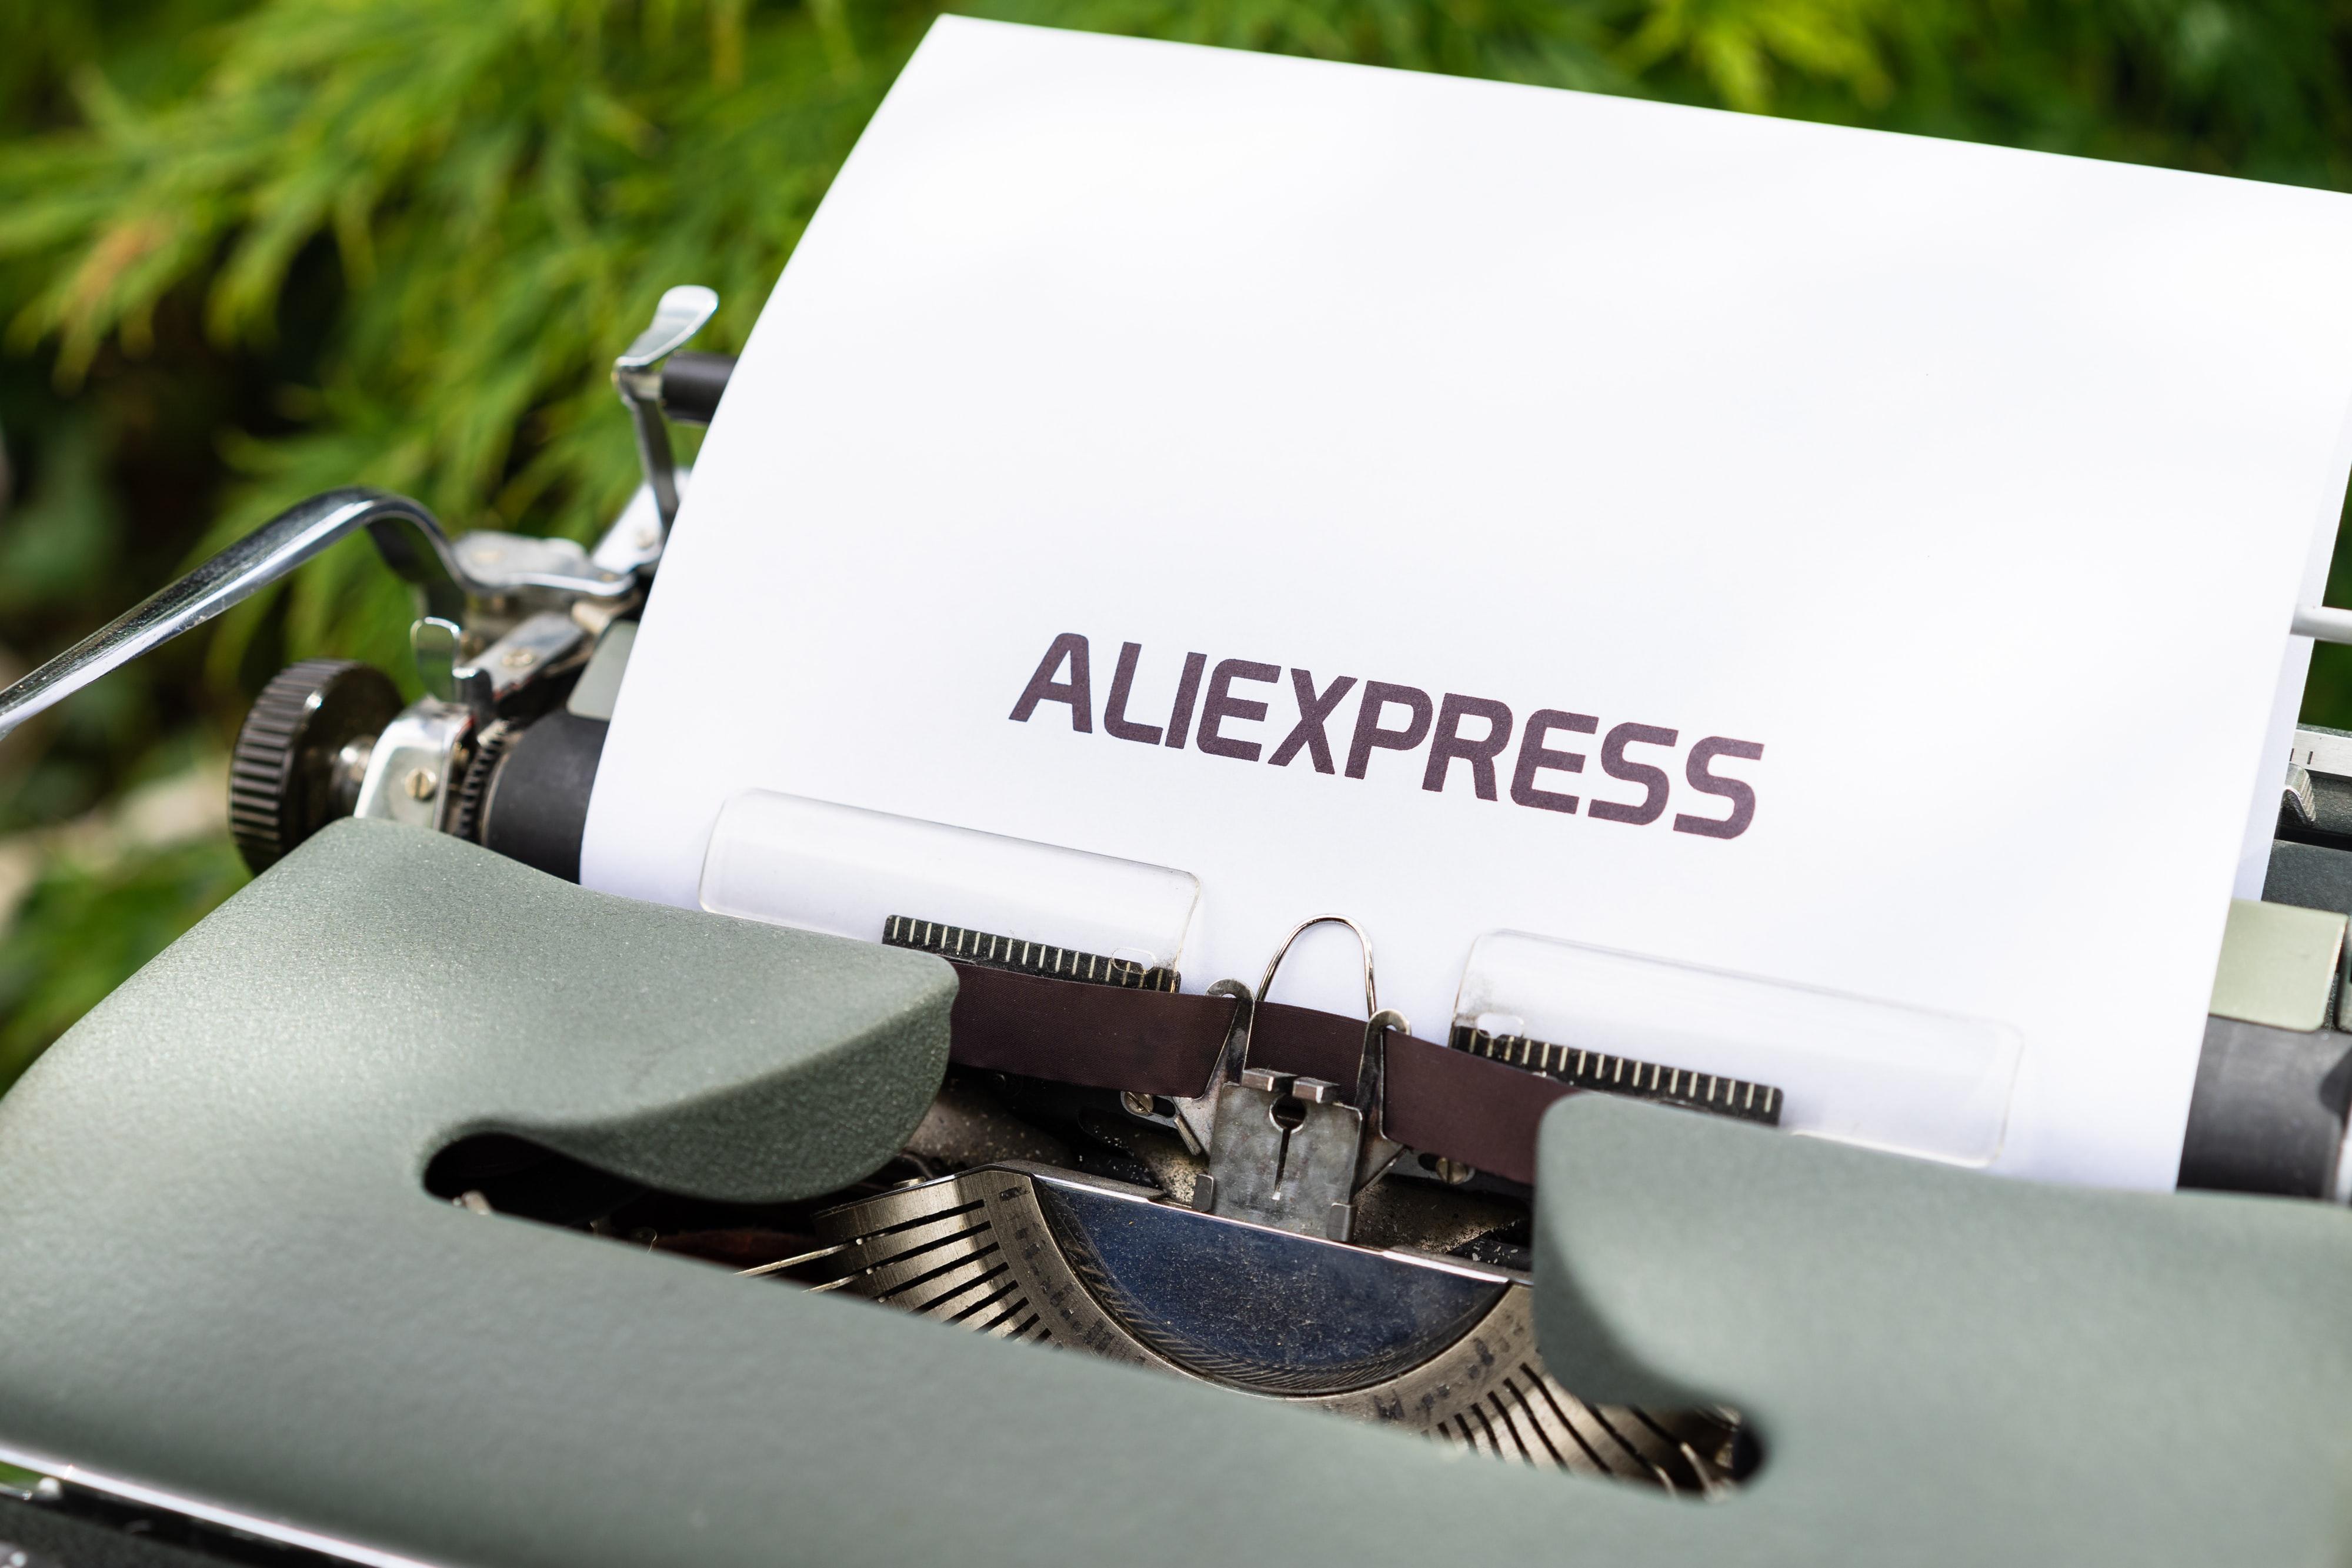 AliExpress больше не принимает платежи от покупателей через Google Play и ЮMoney